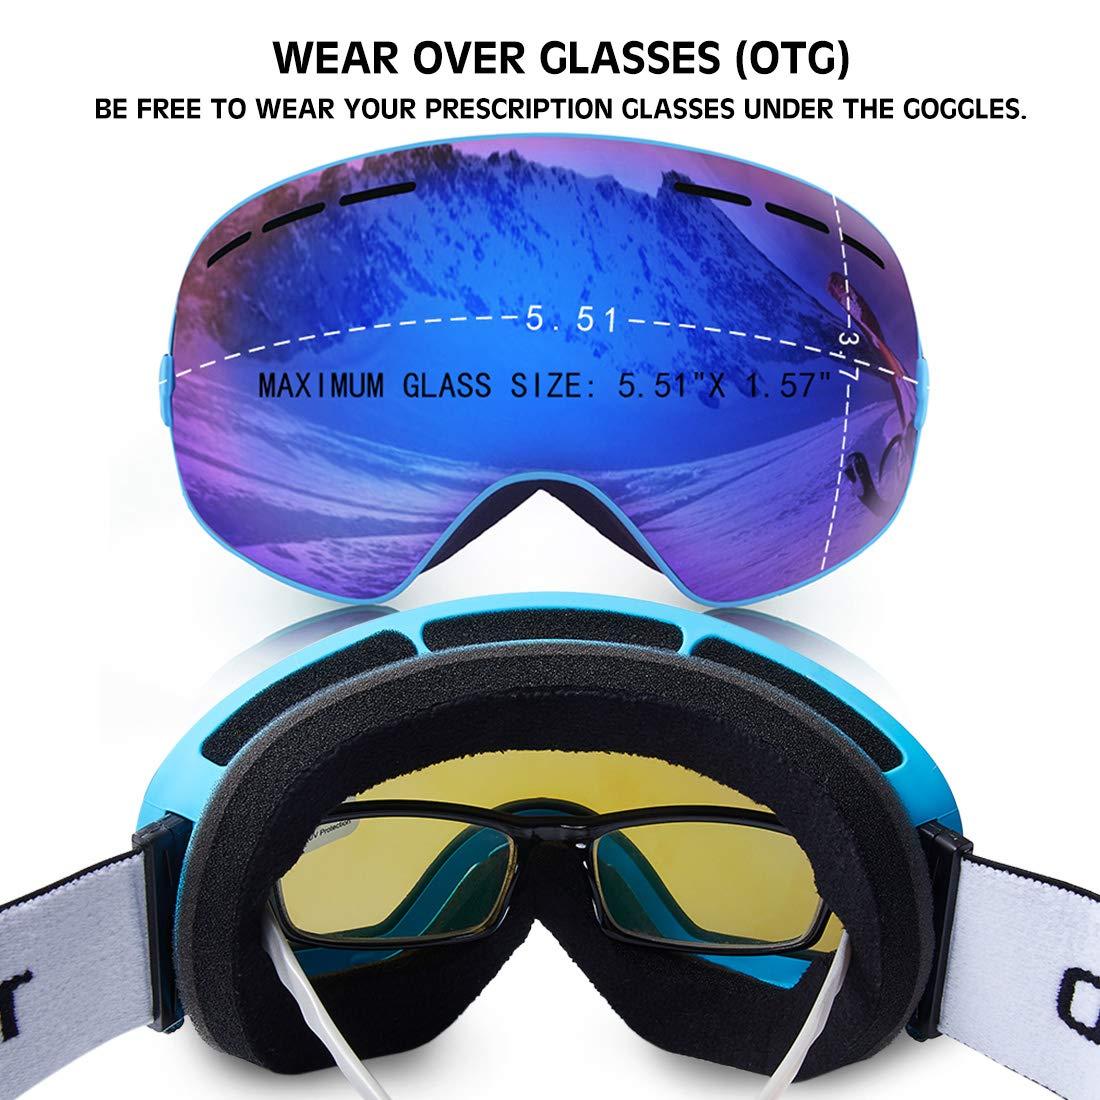 TUONROAD Skibrille, Schneebrille, Snowboardbrille, Snowboard Wintersport Brille, Doppel-Objektiv UV-Schutz Anti-Nebel für Herren Damen Jungen Skifahren Snowboarden Snowmoblie